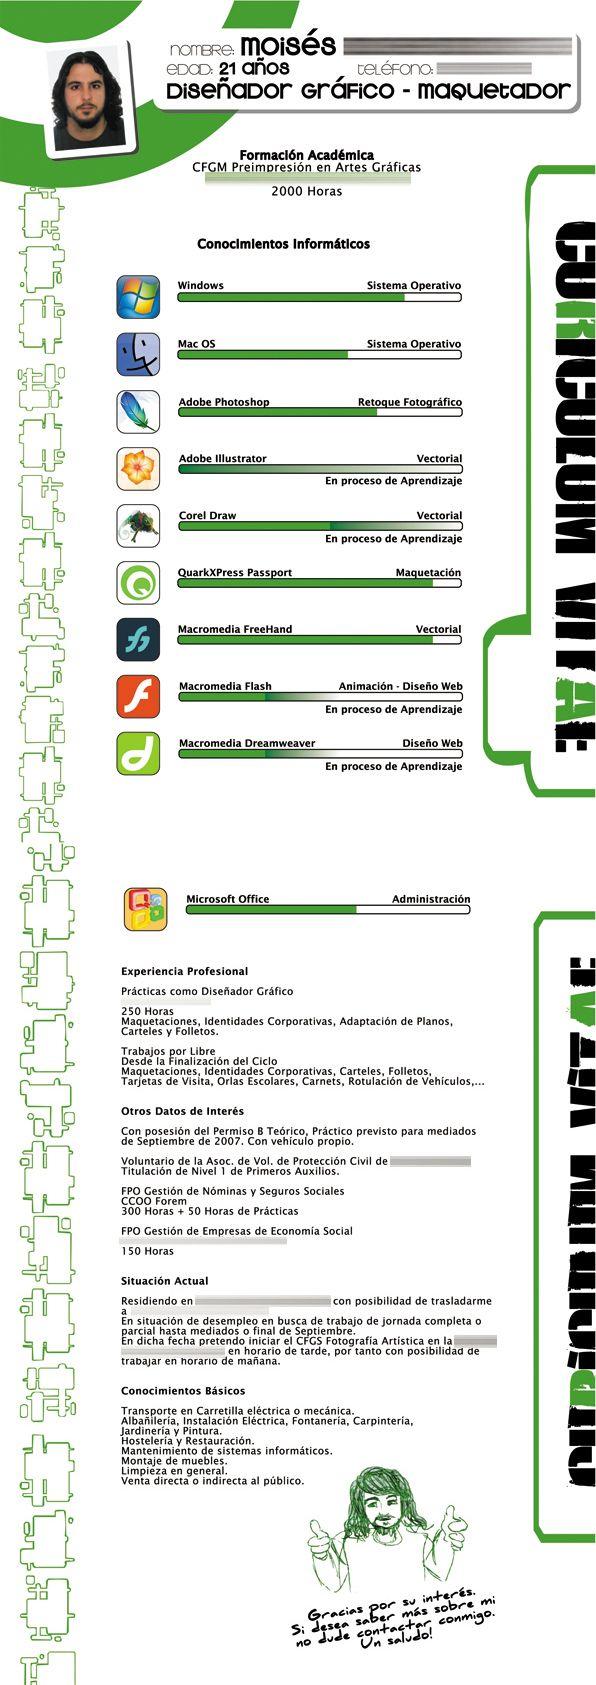 Uito2, Curriculum Vitae | CV & business cards | Pinterest | Ejemplos ...